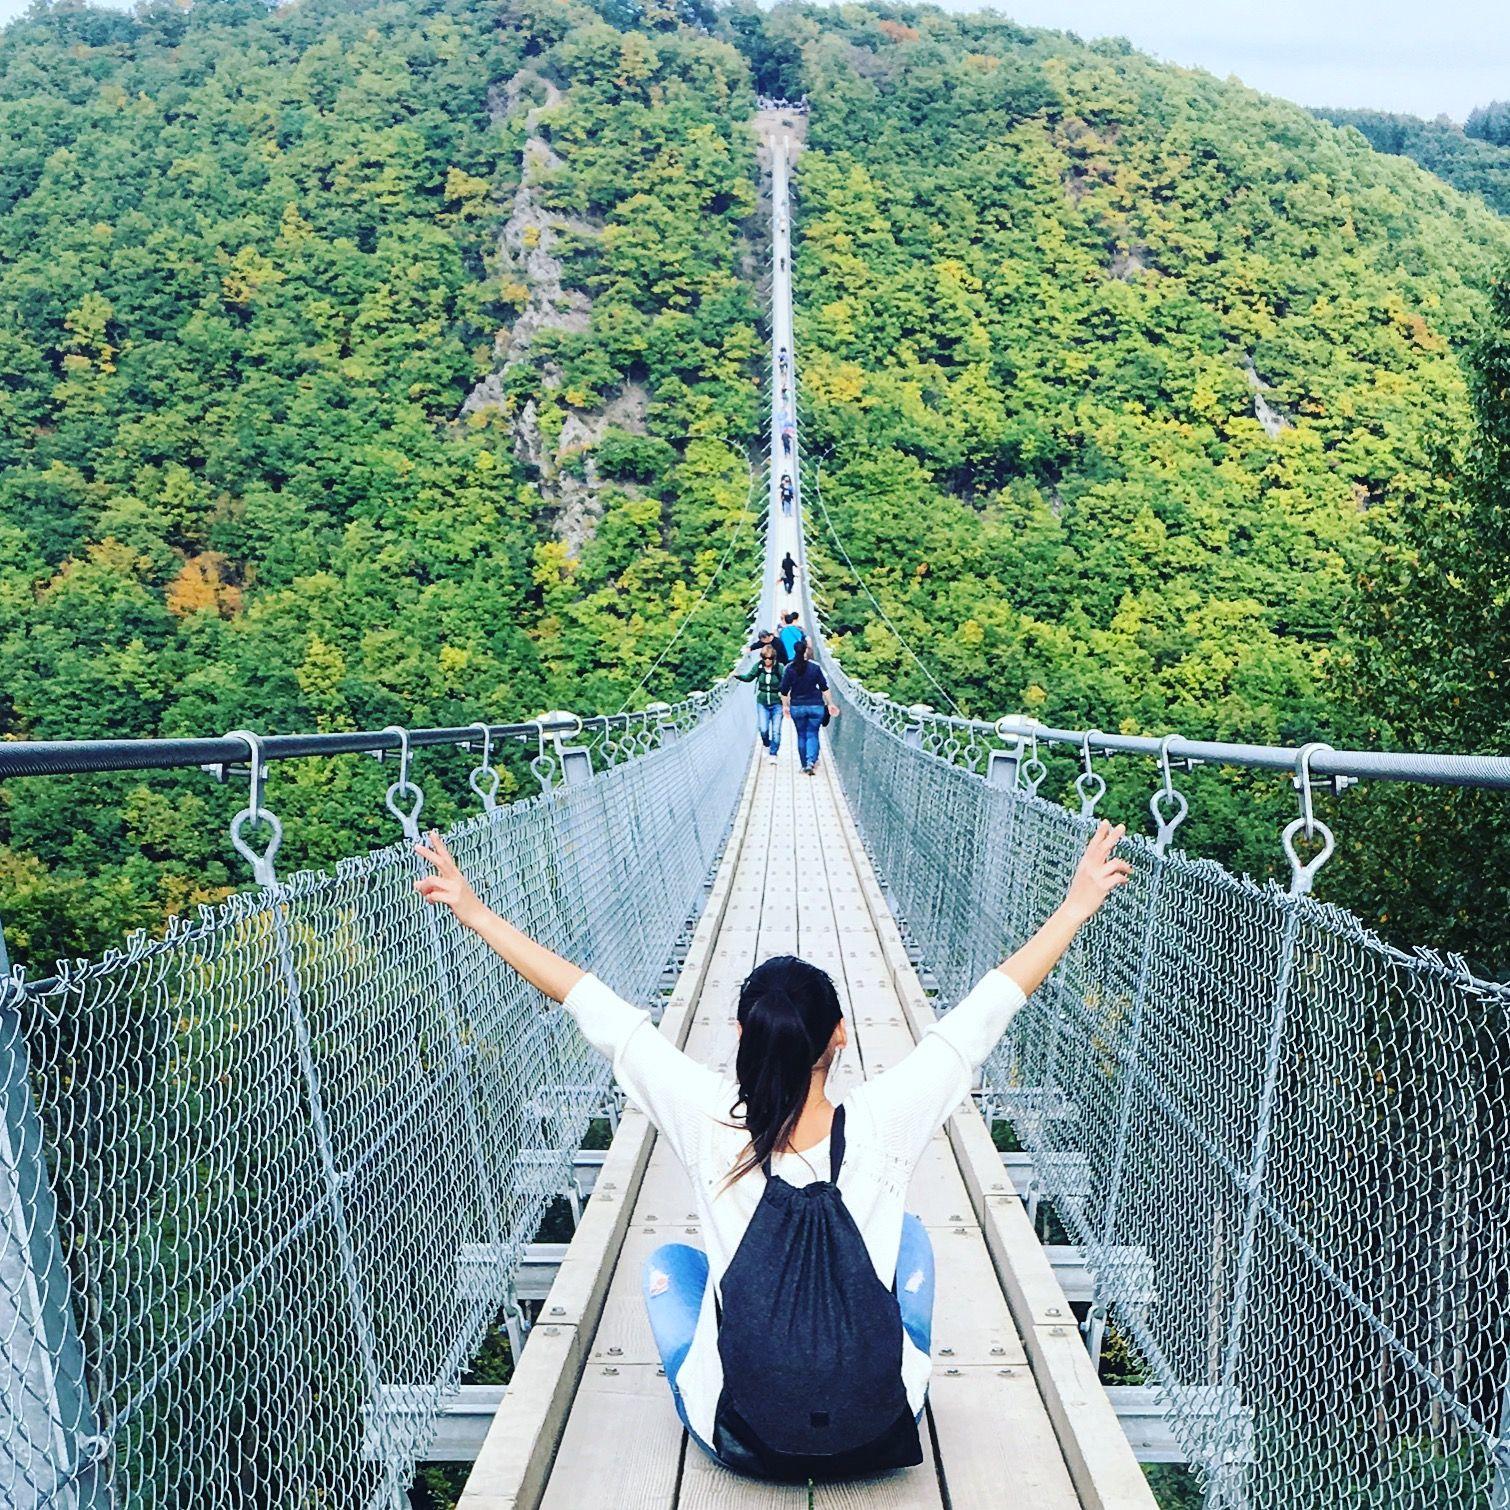 Geierlay bridge  the longest suspension bridge in Germany ...